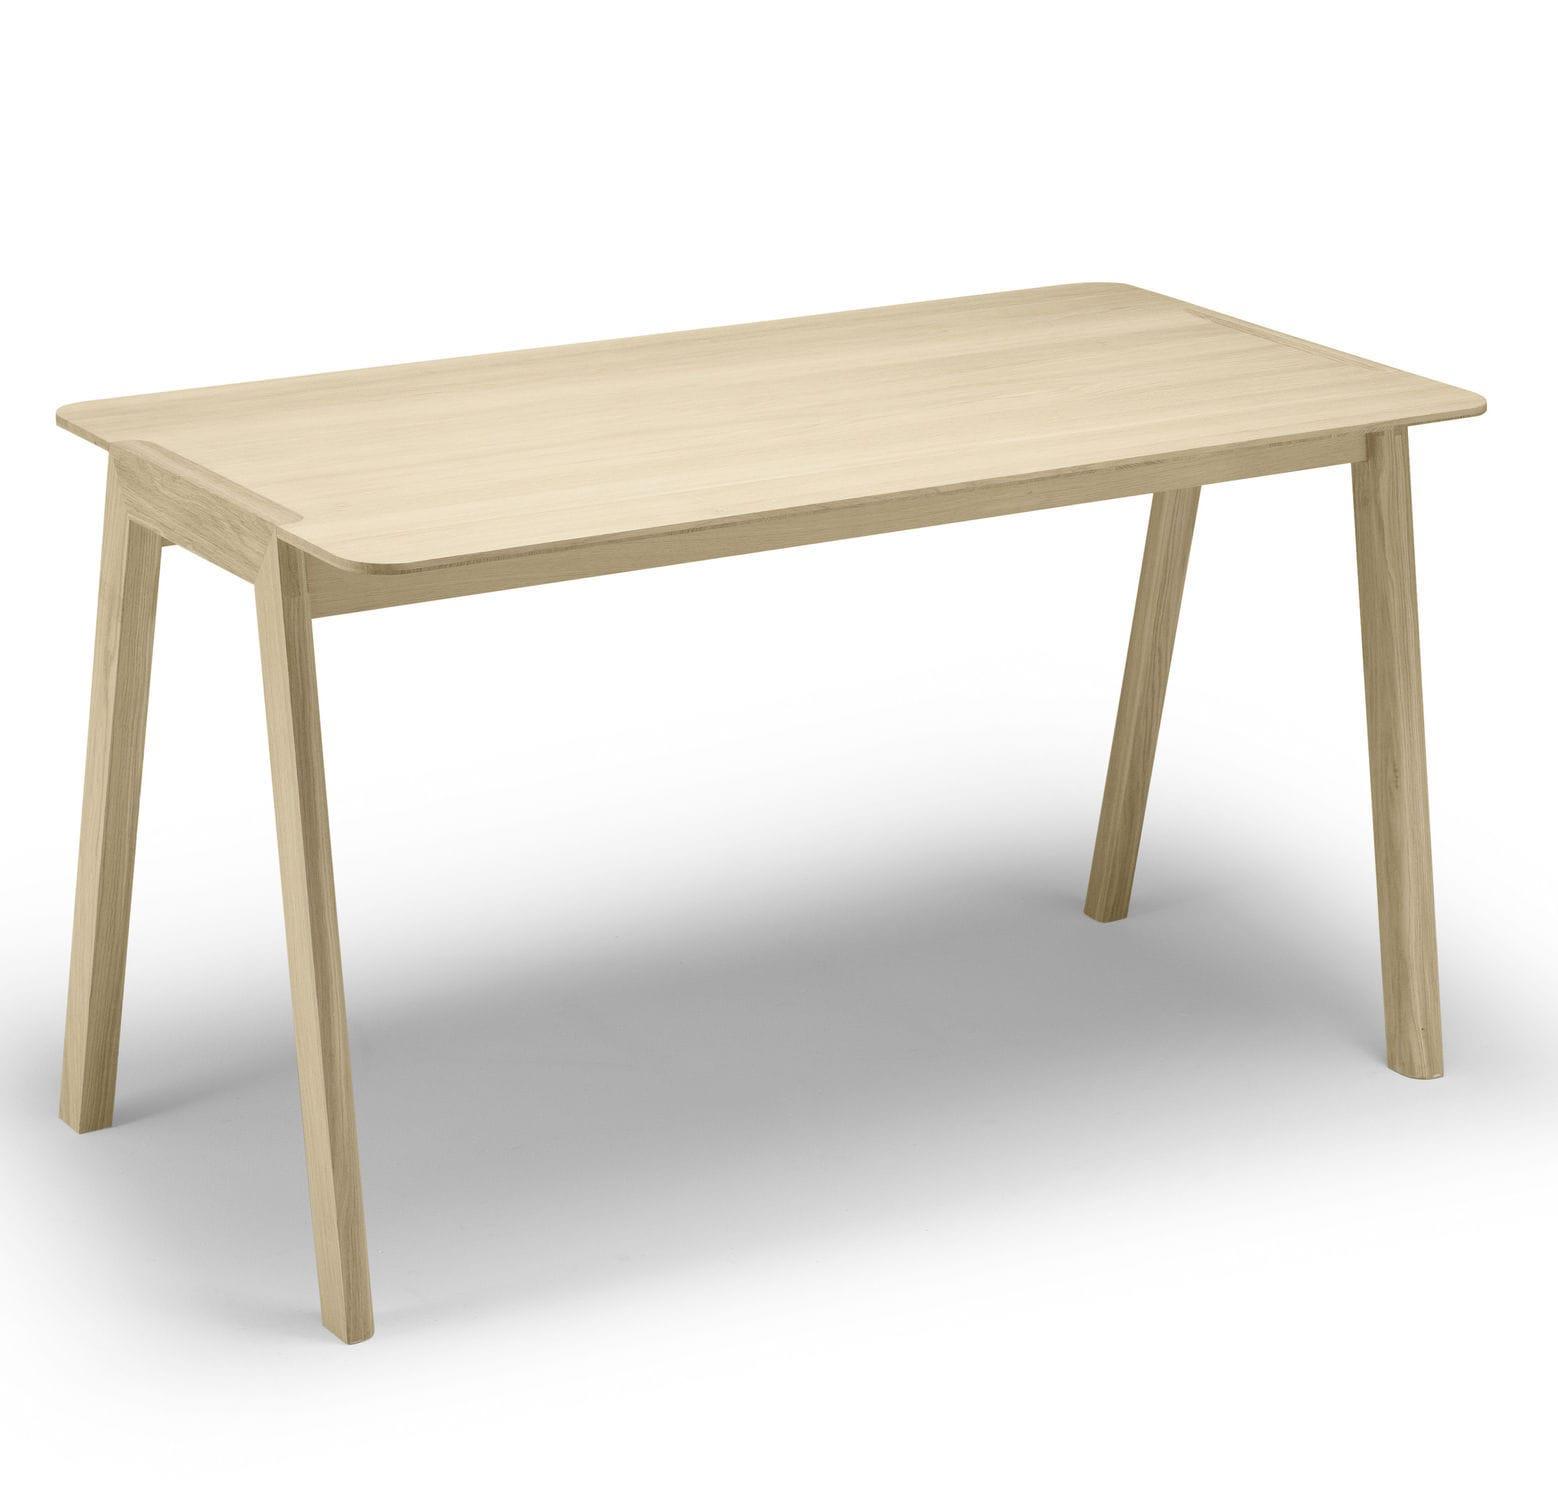 contemporary high bar table  oak  rectangular  heldu by jean  - contemporary high bar table  oak  rectangular heldu by jean louisiratzoki alki